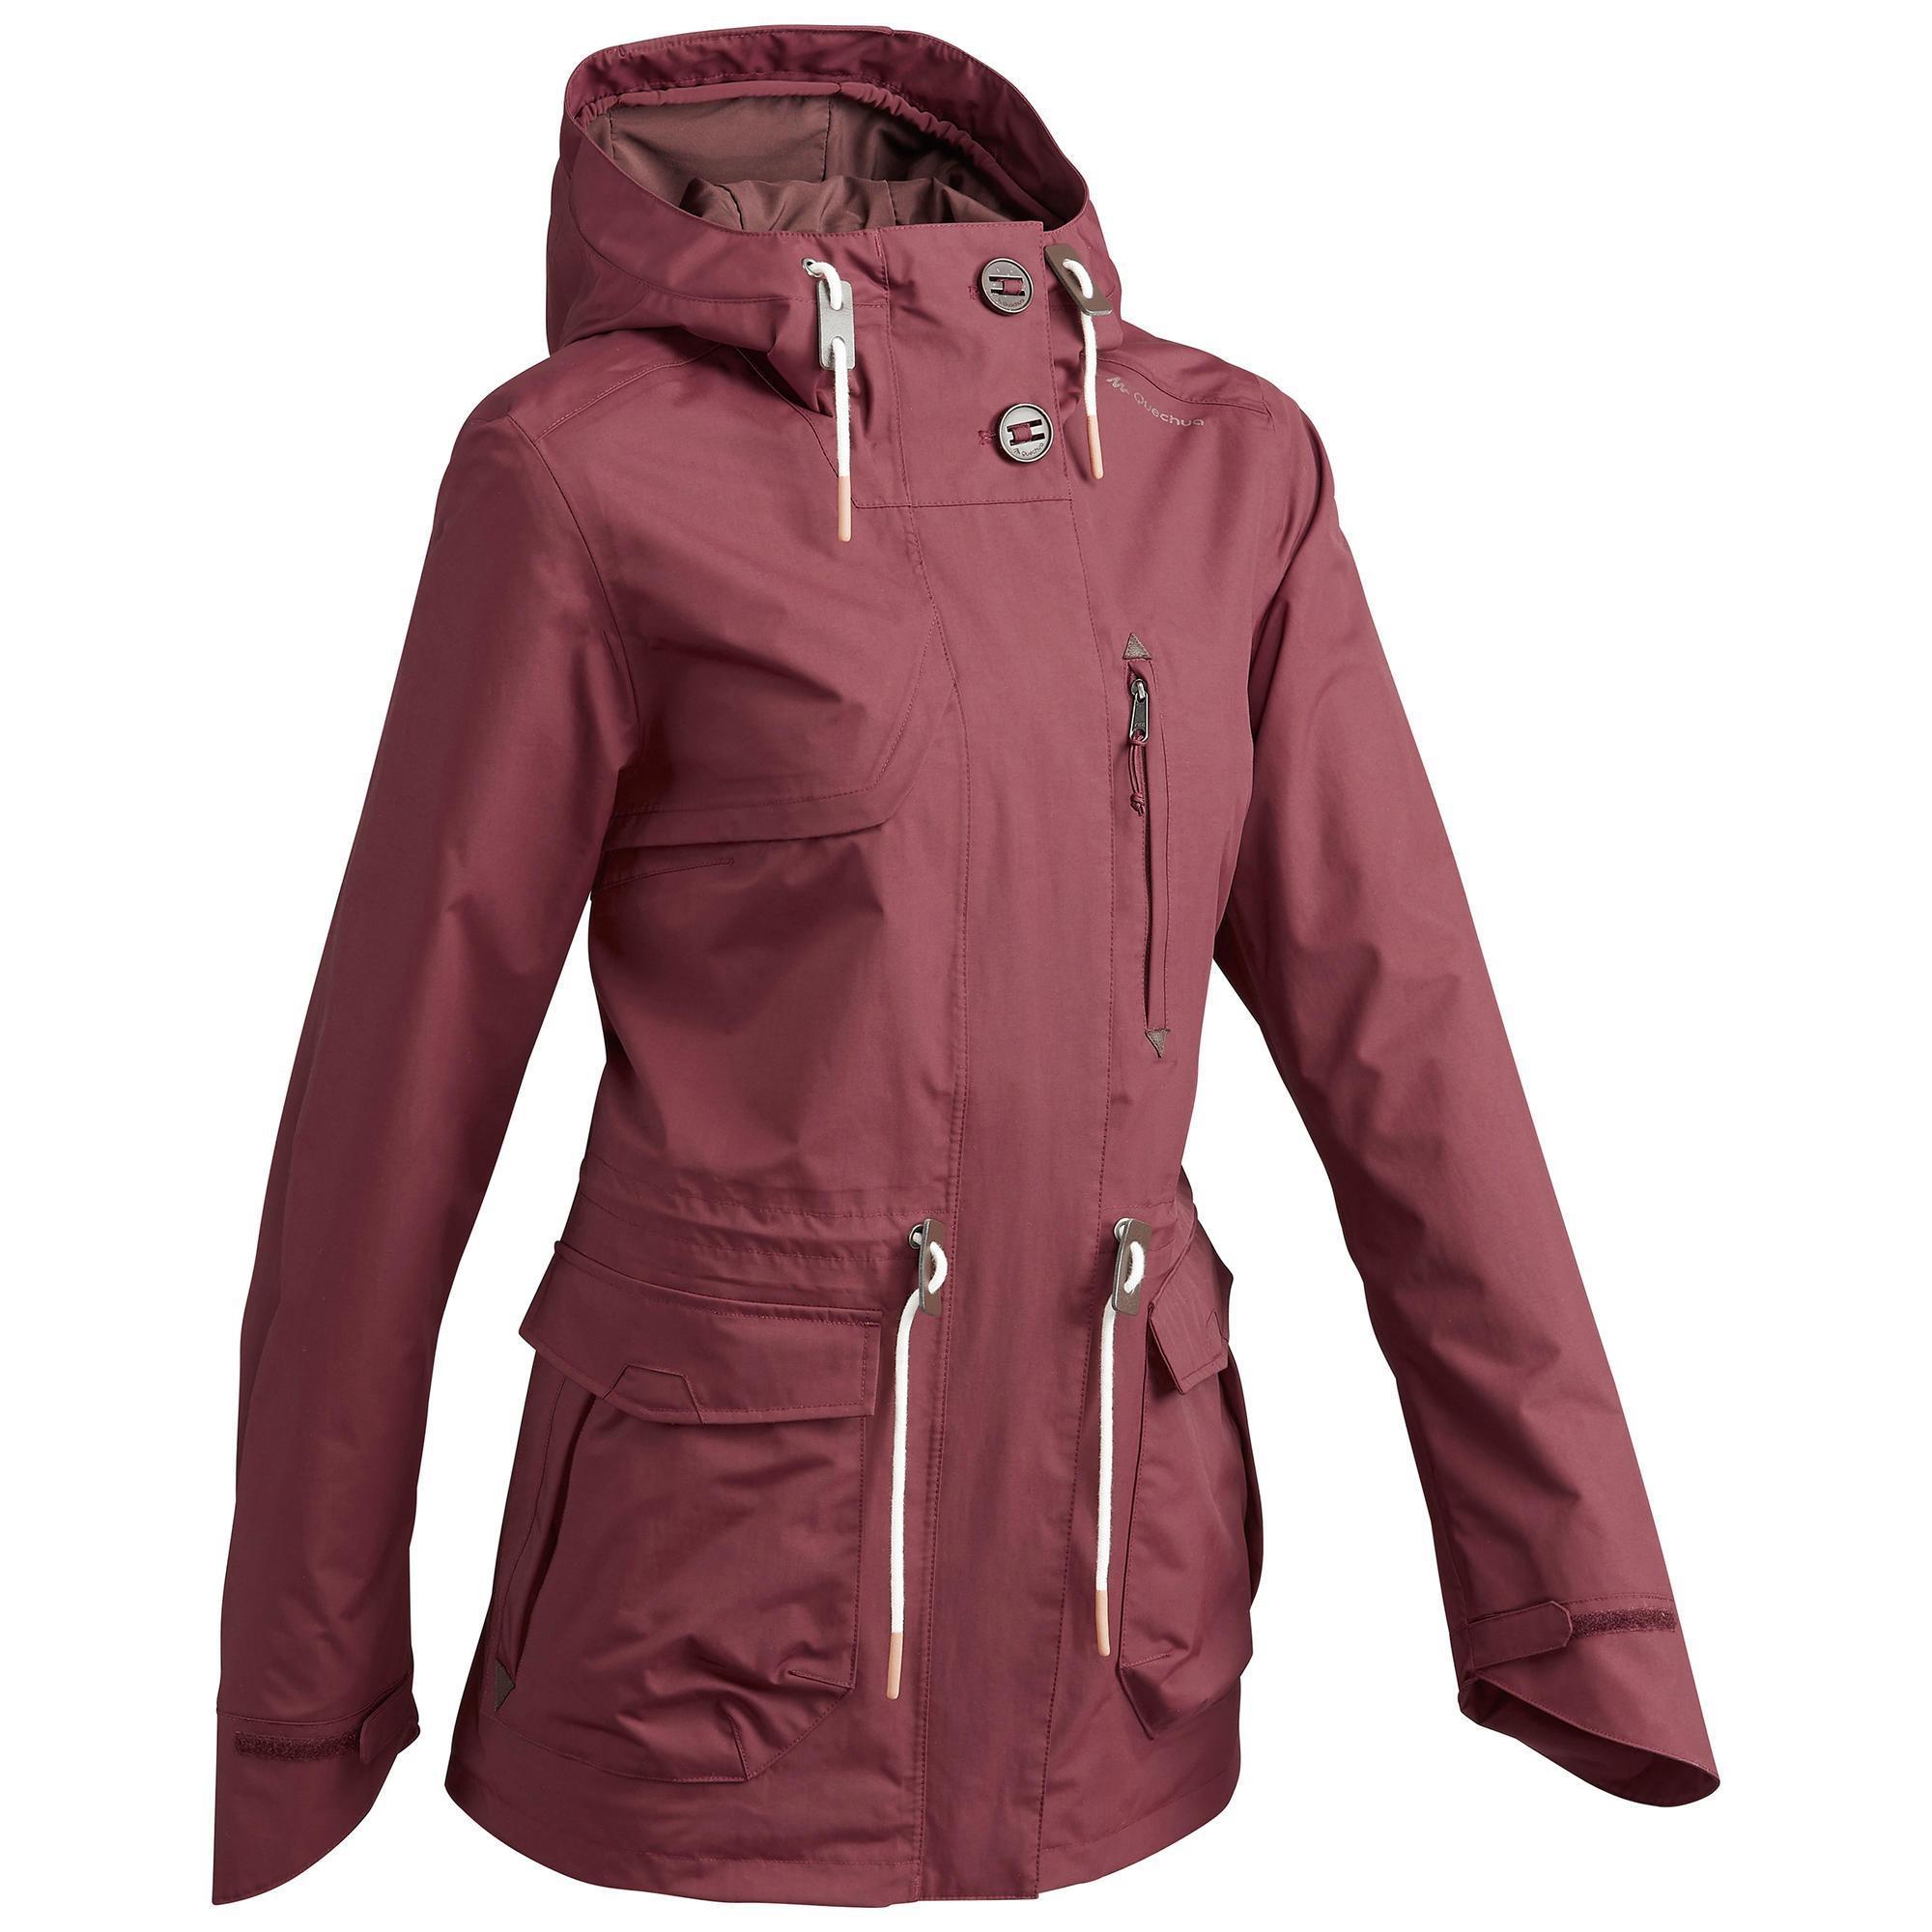 bien pas cher choisir véritable fréquent Vestes de pluie et coupe-vent de randonnée   Decathlon